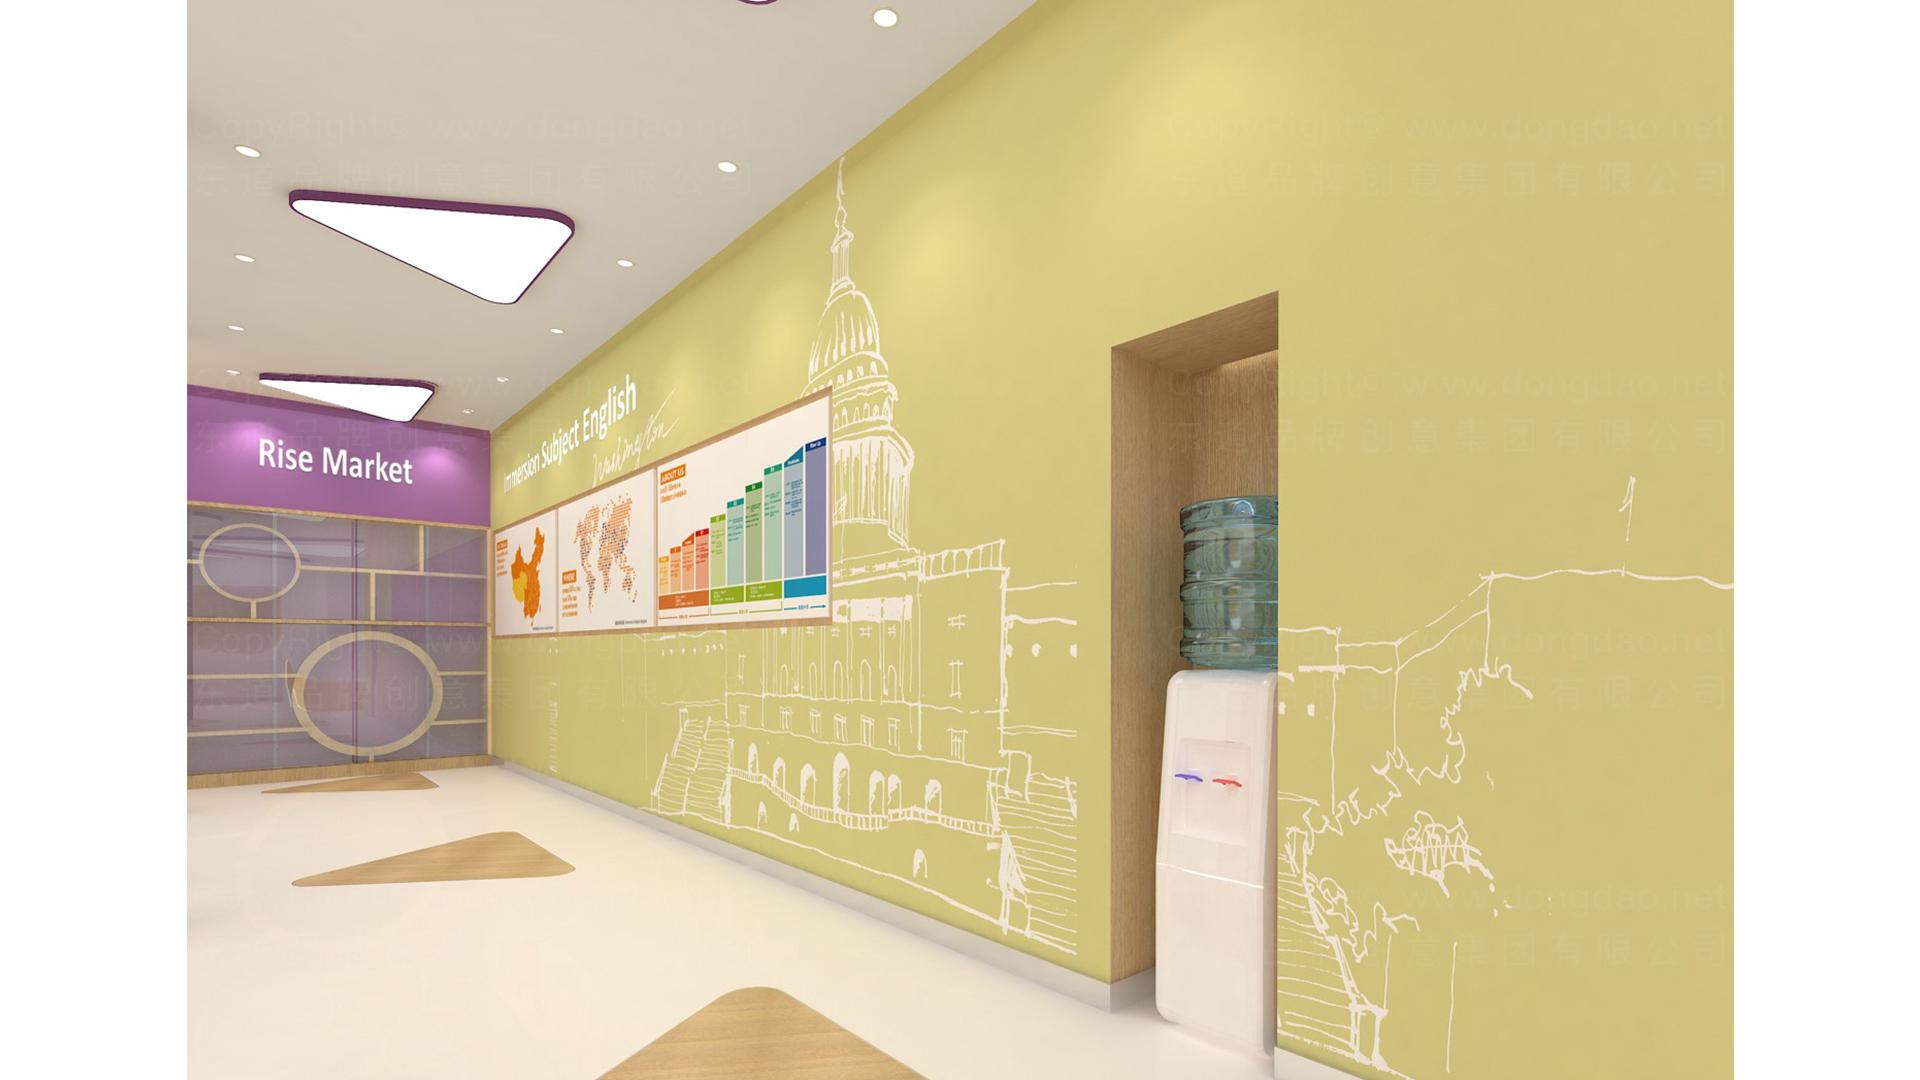 商业空间&导示瑞思SI门店概念设计应用场景_4